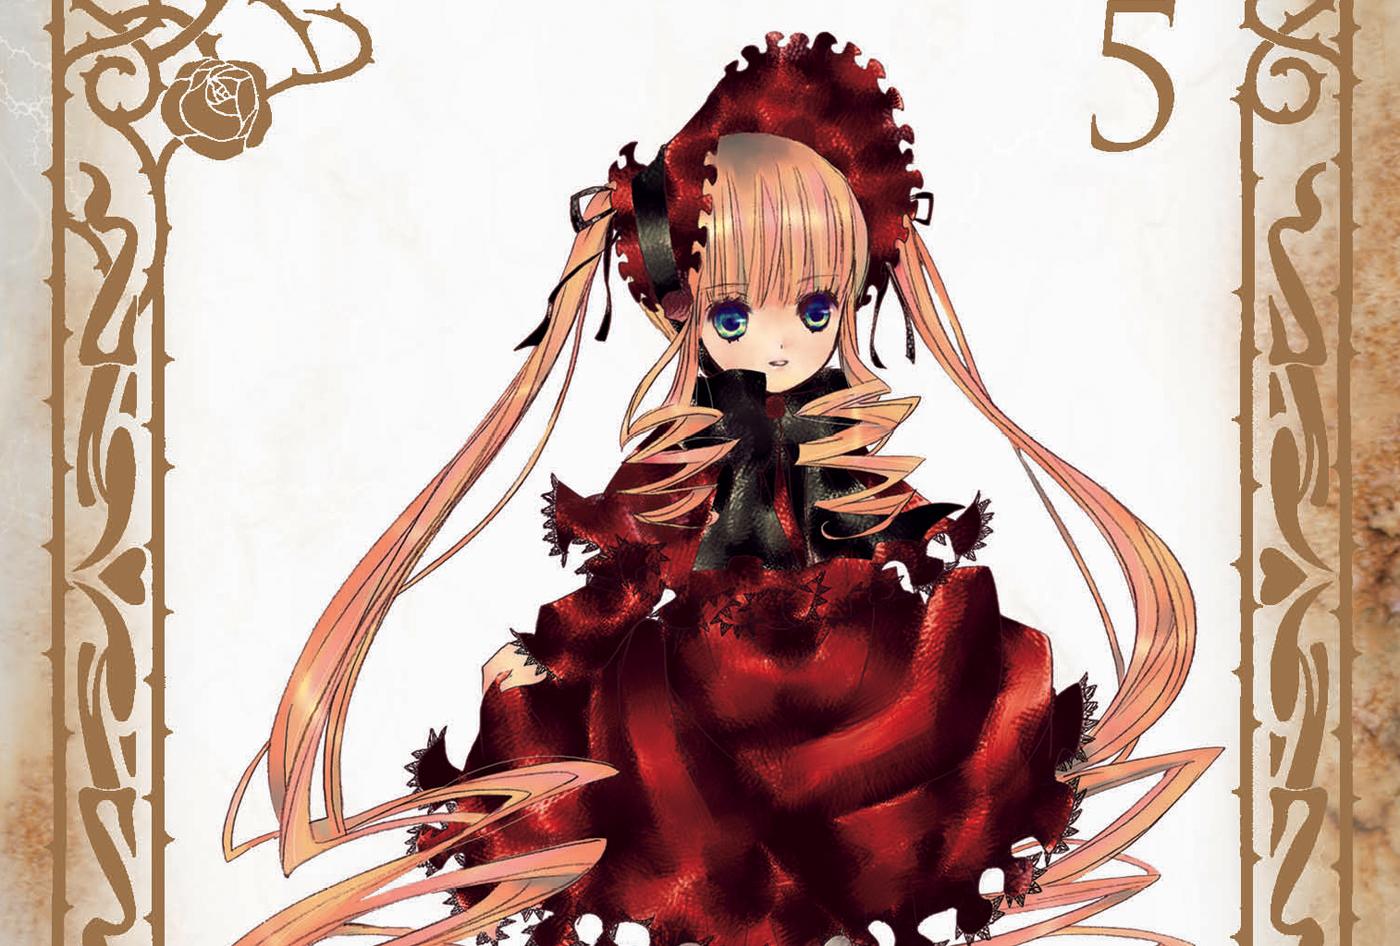 Nuevo manga de Rozen Maiden para el 2016